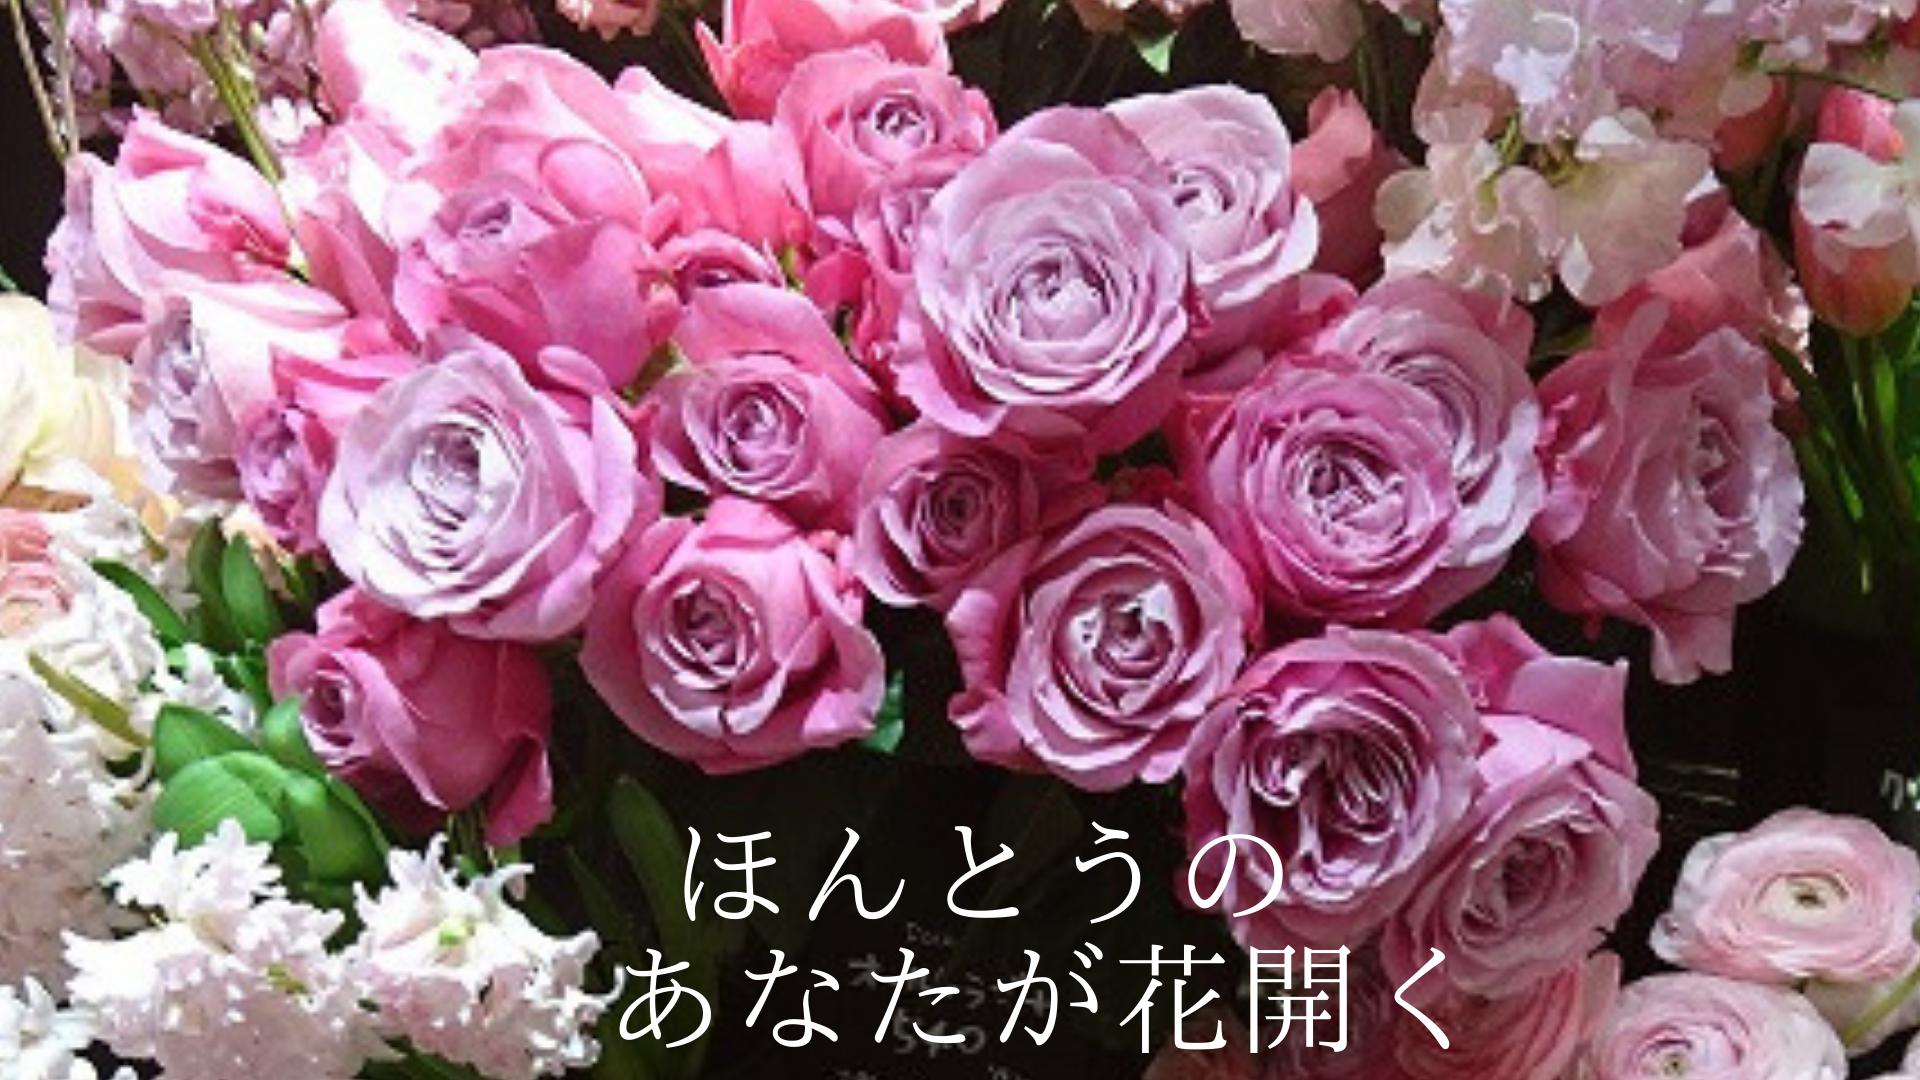 あなたが花開く